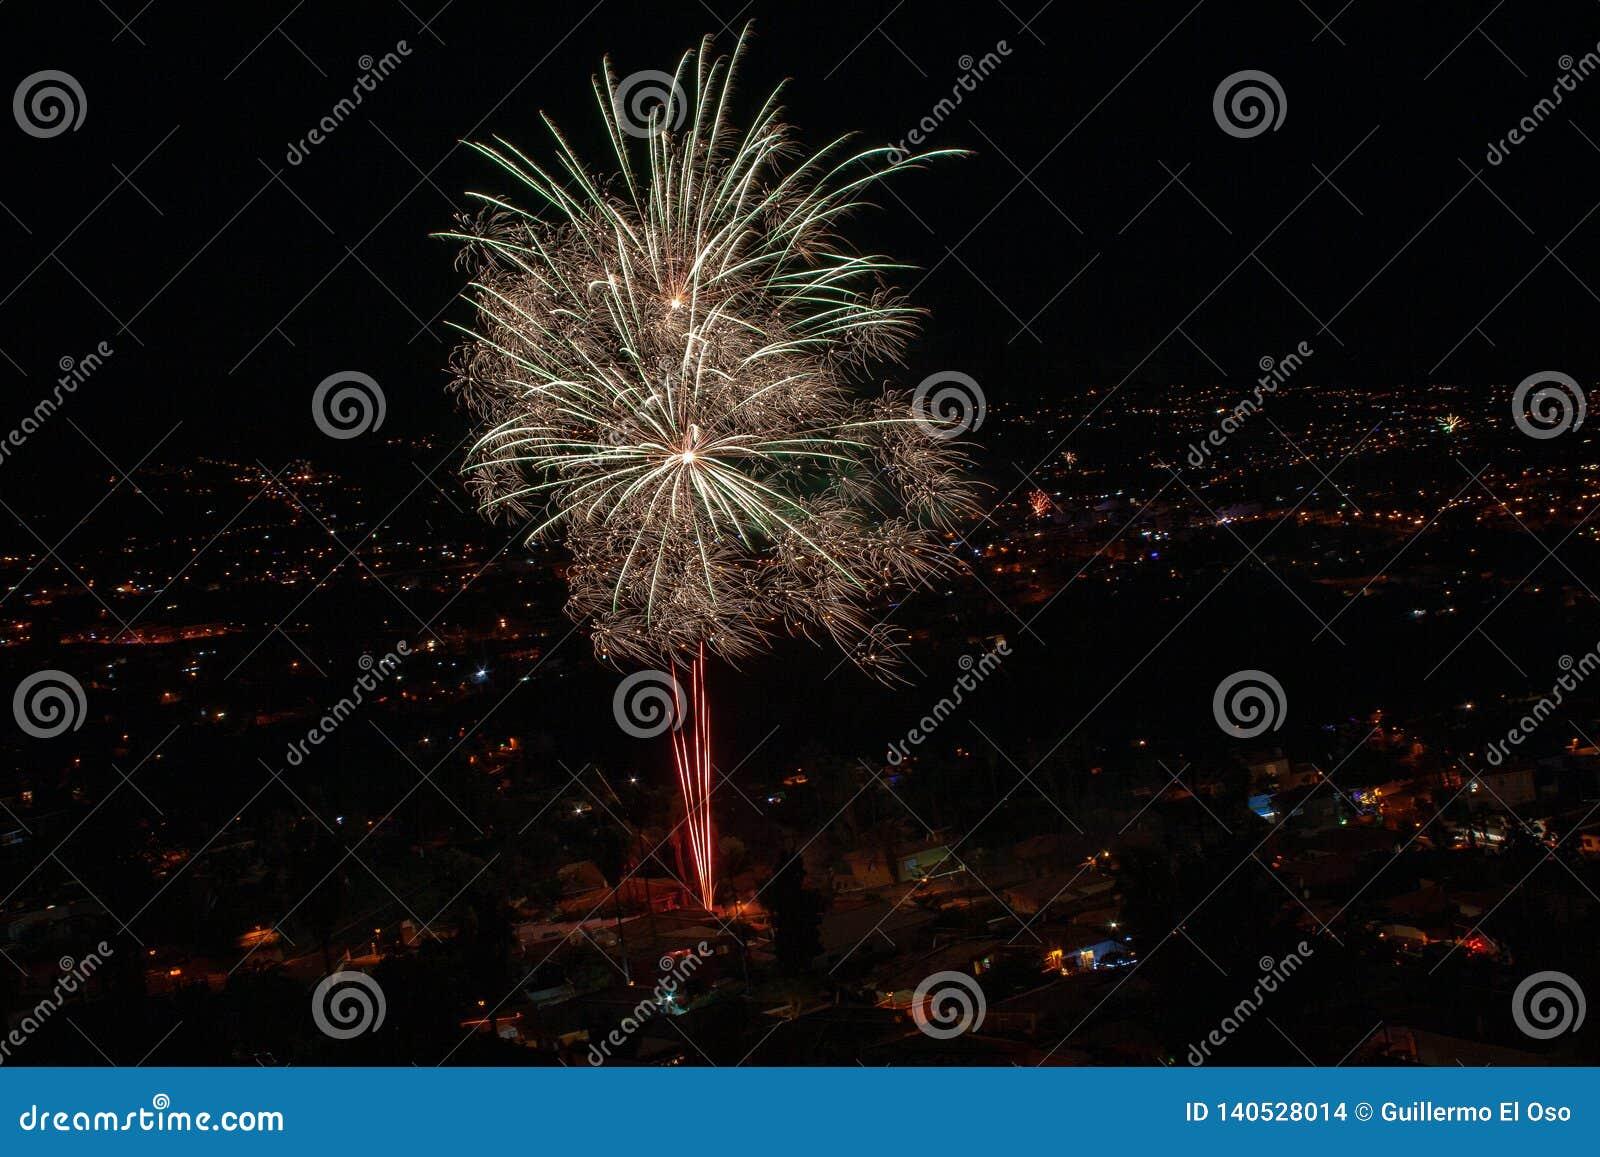 Grands feux d artifice au-dessus d une ville par nuit